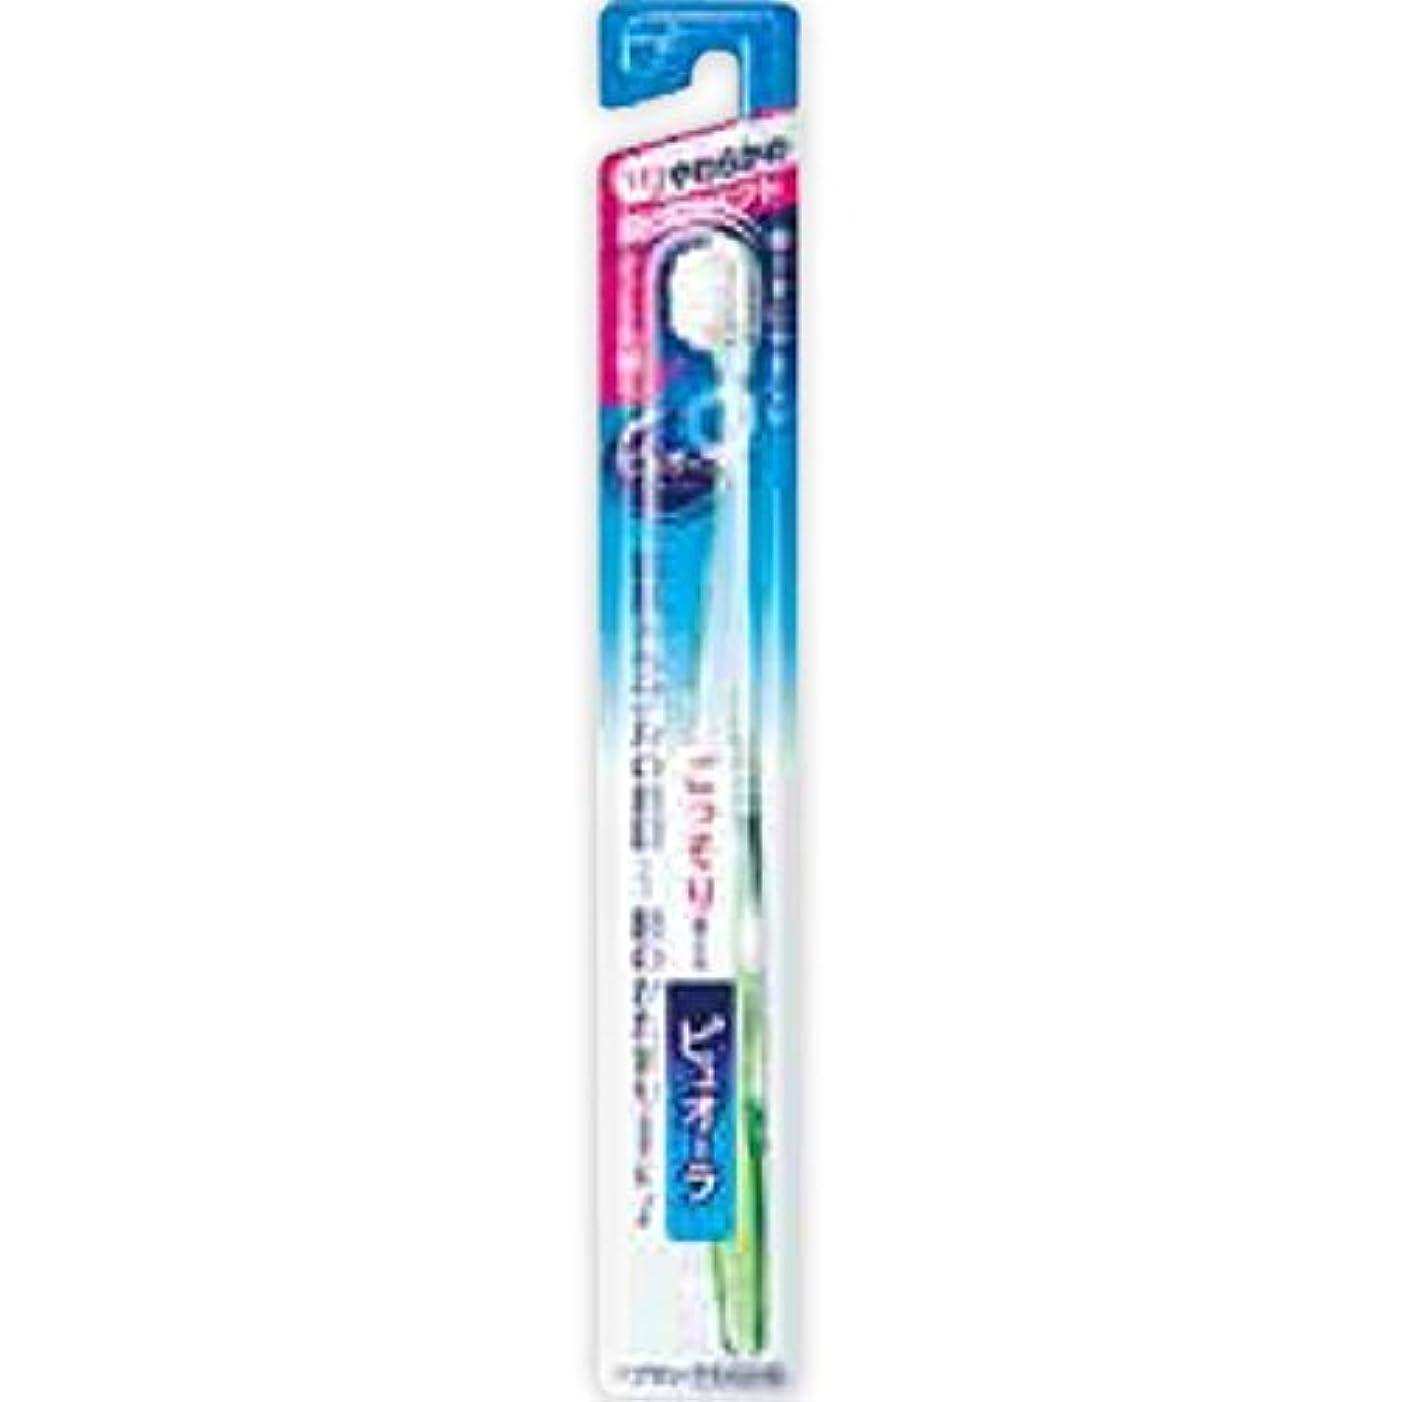 余裕がある女将寓話【花王】ピュオーラ 歯ブラシ超コンパクト やわらかめ (1本) ×20個セット